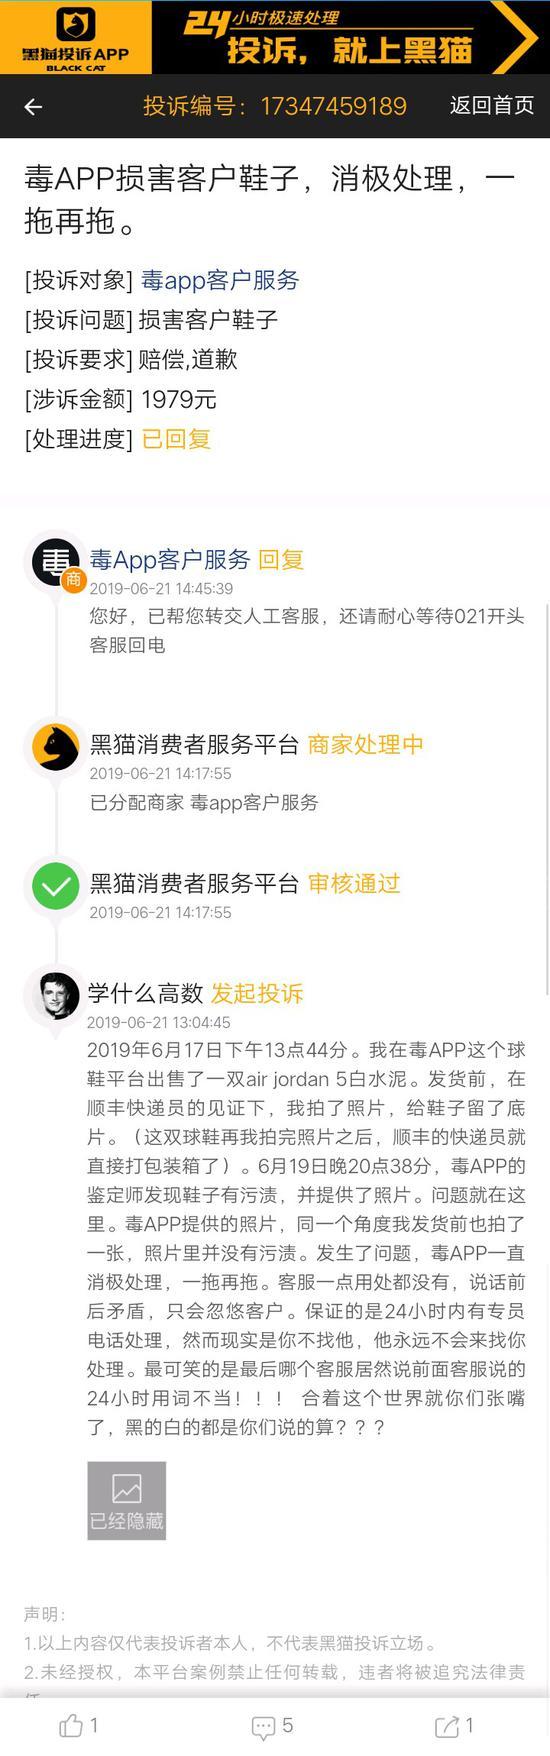 网友投诉毒APP消极处理 官方客服已回复